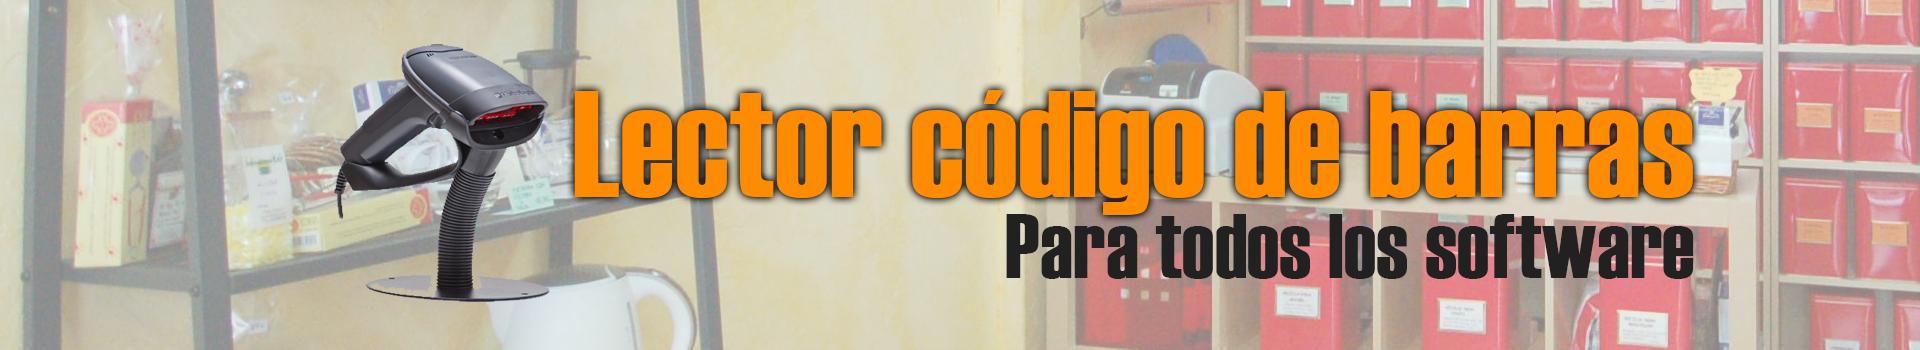 Lector código de barras